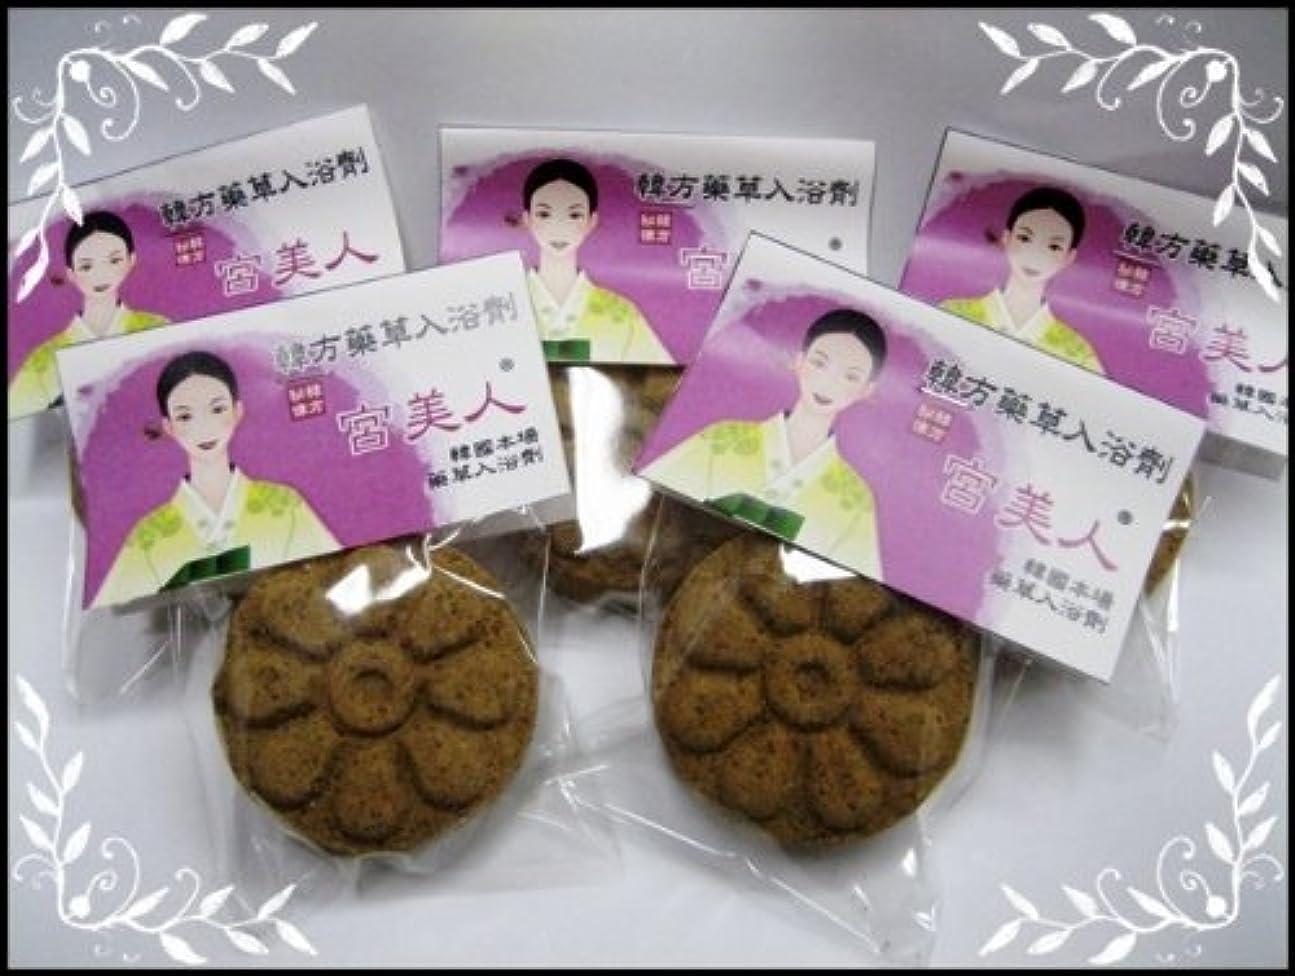 脅威早い安定した体の温度を1度を上げる韓方薬草宮美人ー ばら売り  ikkoの本に紹介